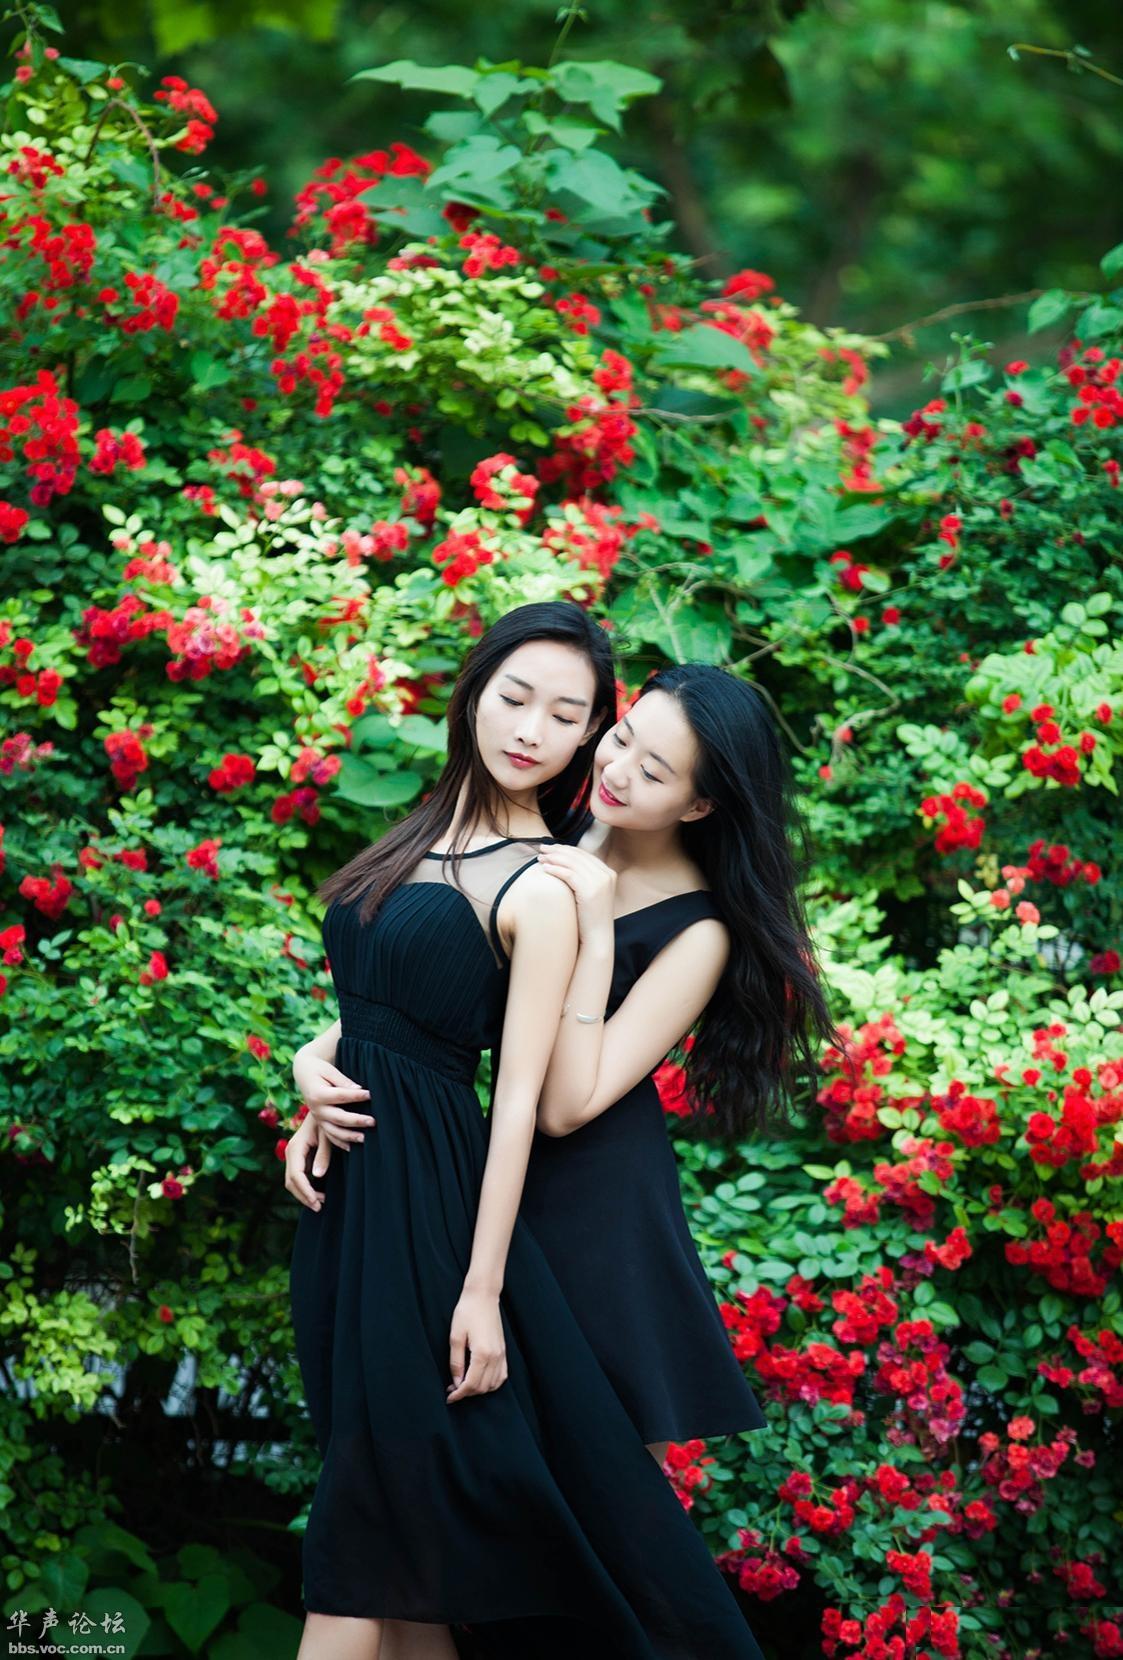 蔷薇下的女神[分享]